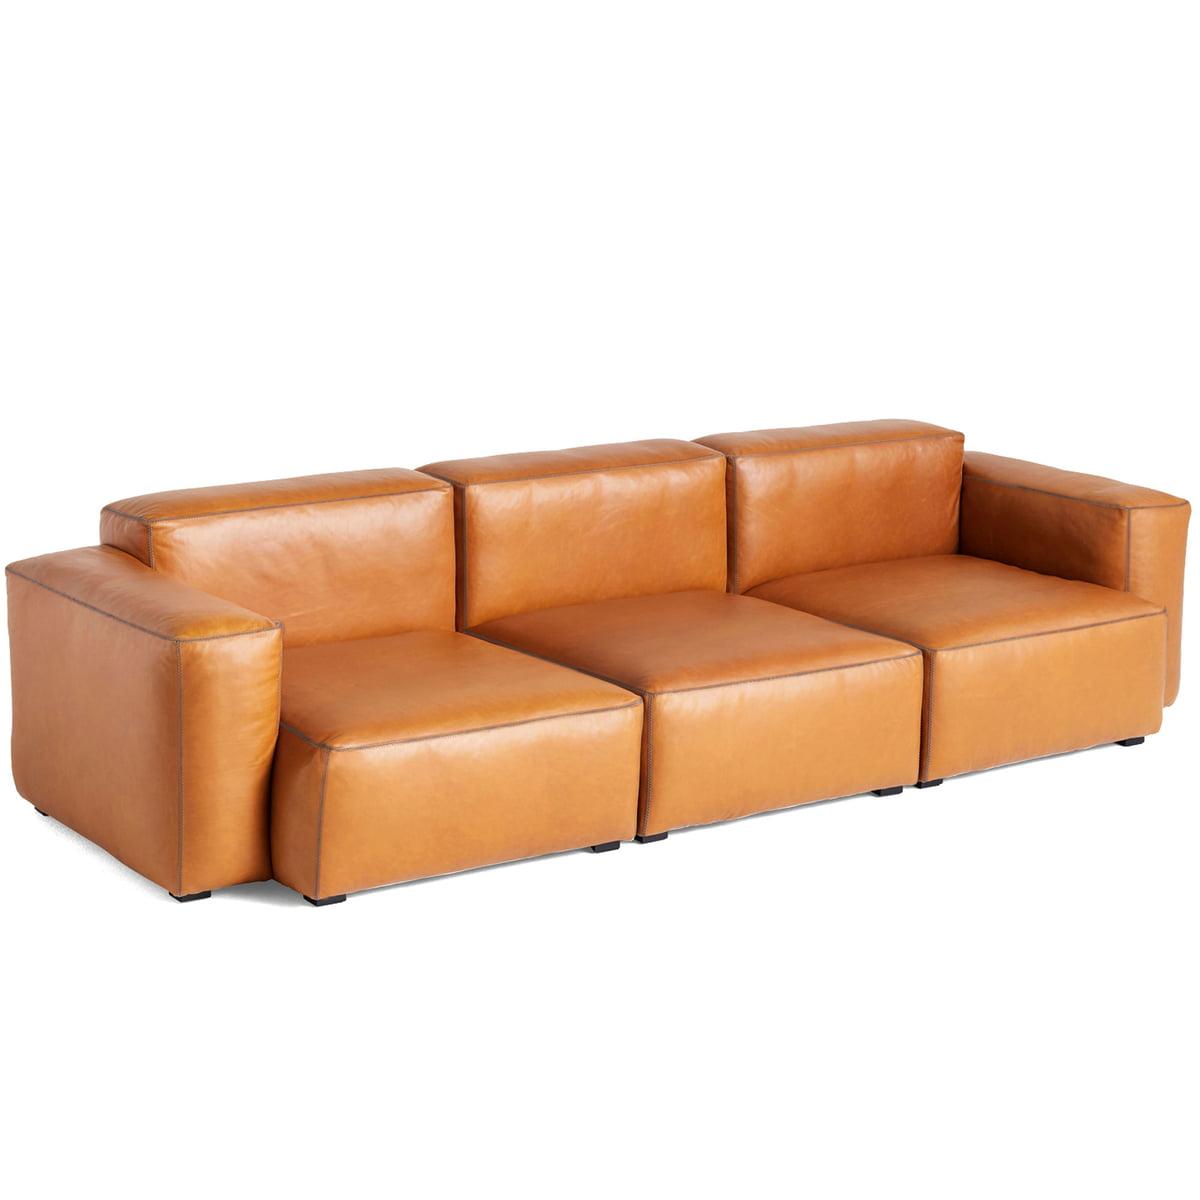 cognac leder 2 3 sitzer sofas online kaufen m bel. Black Bedroom Furniture Sets. Home Design Ideas